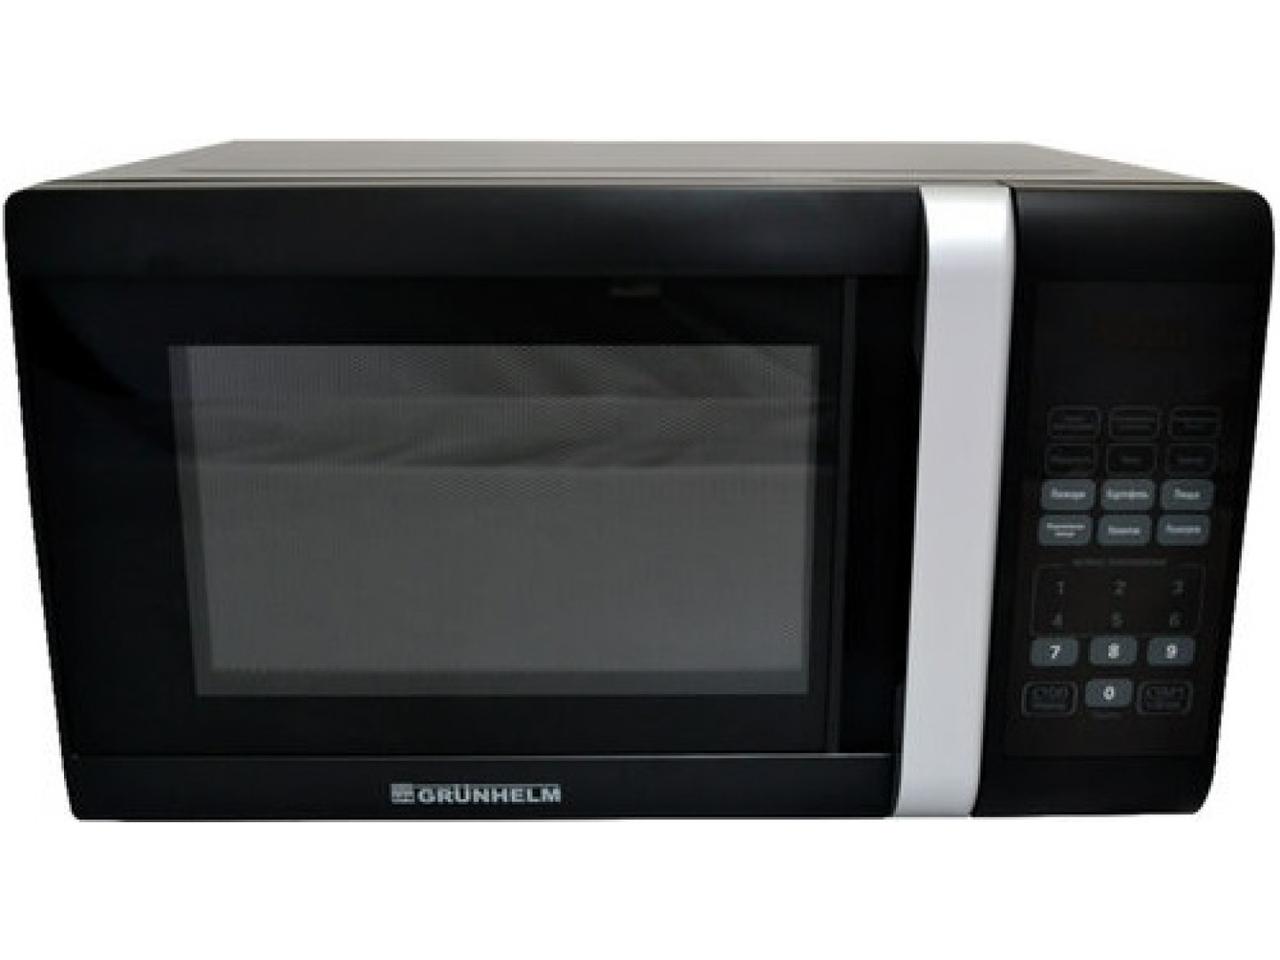 Микроволновая печь Grunhelm 23MX823-B 23л 800 Вт черная